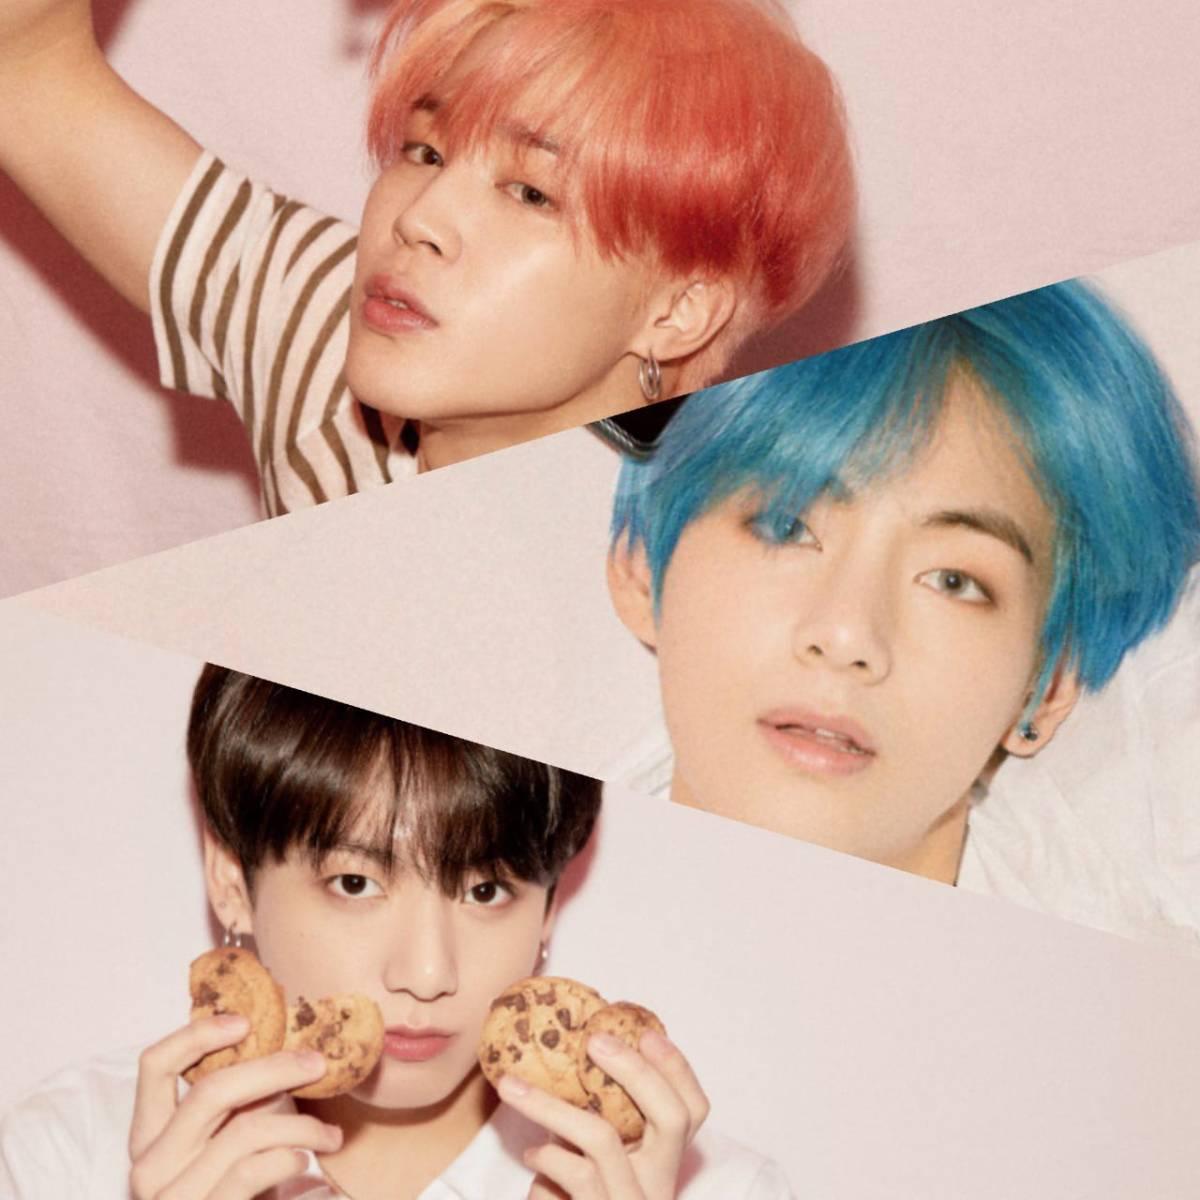 جيمين، ڤي وجونغكوك من BTS يتصدرون قيمة العلامة التجارية لشهر ابريل الخاصة بأعضاء فرق الفتيان